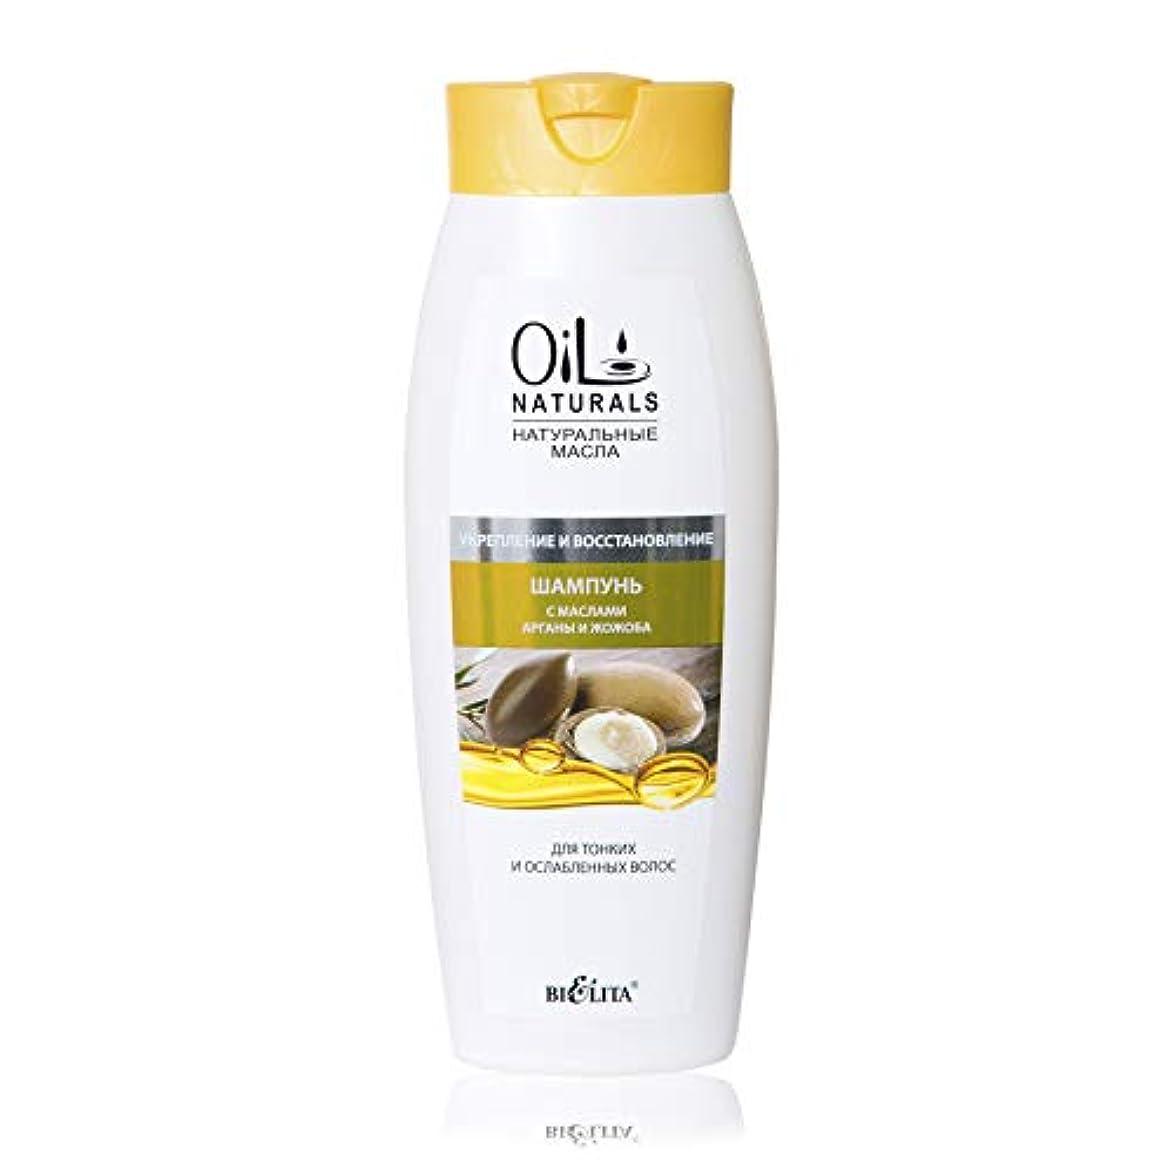 コミュニケーション海藻包帯Bielita & Vitex Oil Naturals Line | Strengthening & Restoring Shampoo for Thin Hair, 430 ml | Argan Oil, Silk...